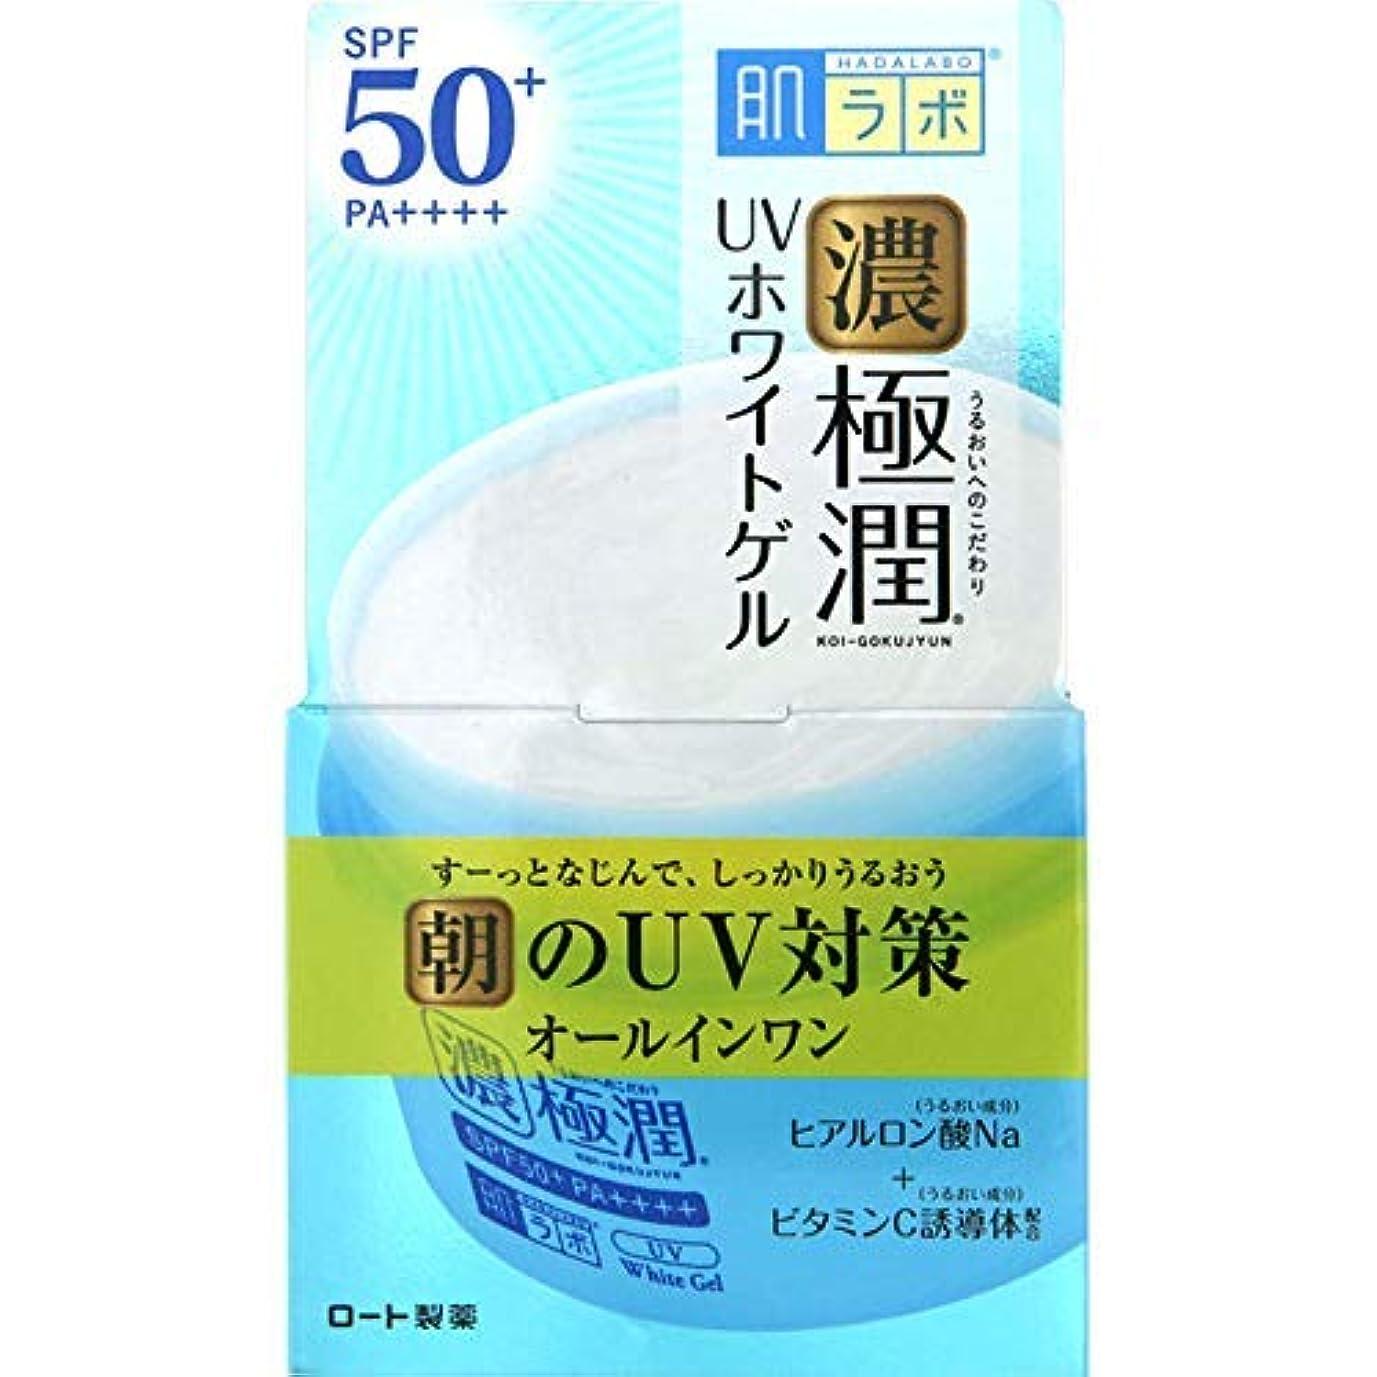 カロリー悩み防止肌ラボ 濃い極潤 オールインワン UVホワイトゲル (SPF50+ PA++++) 90g